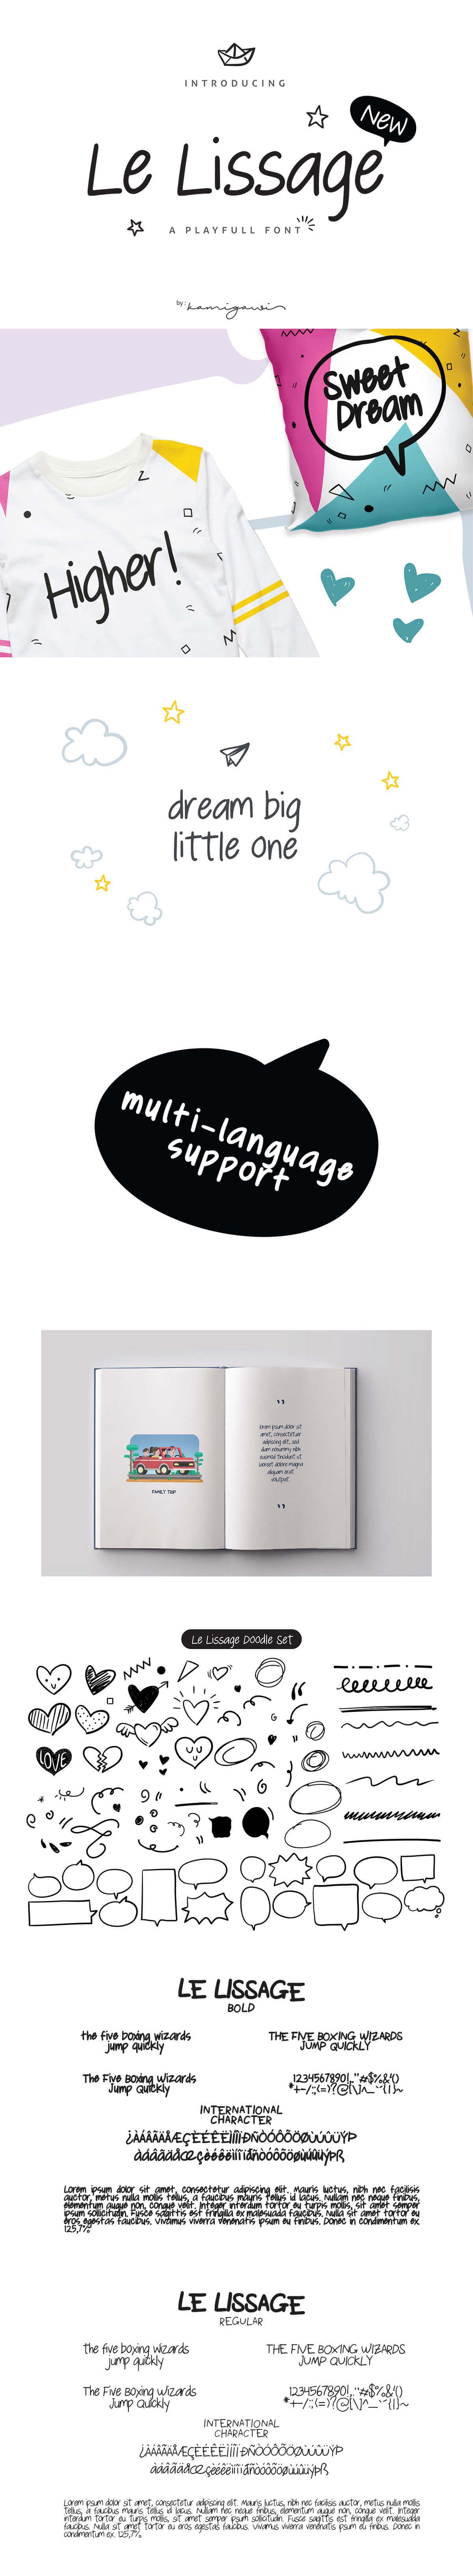 Free Le Lissage Sans Serif Font